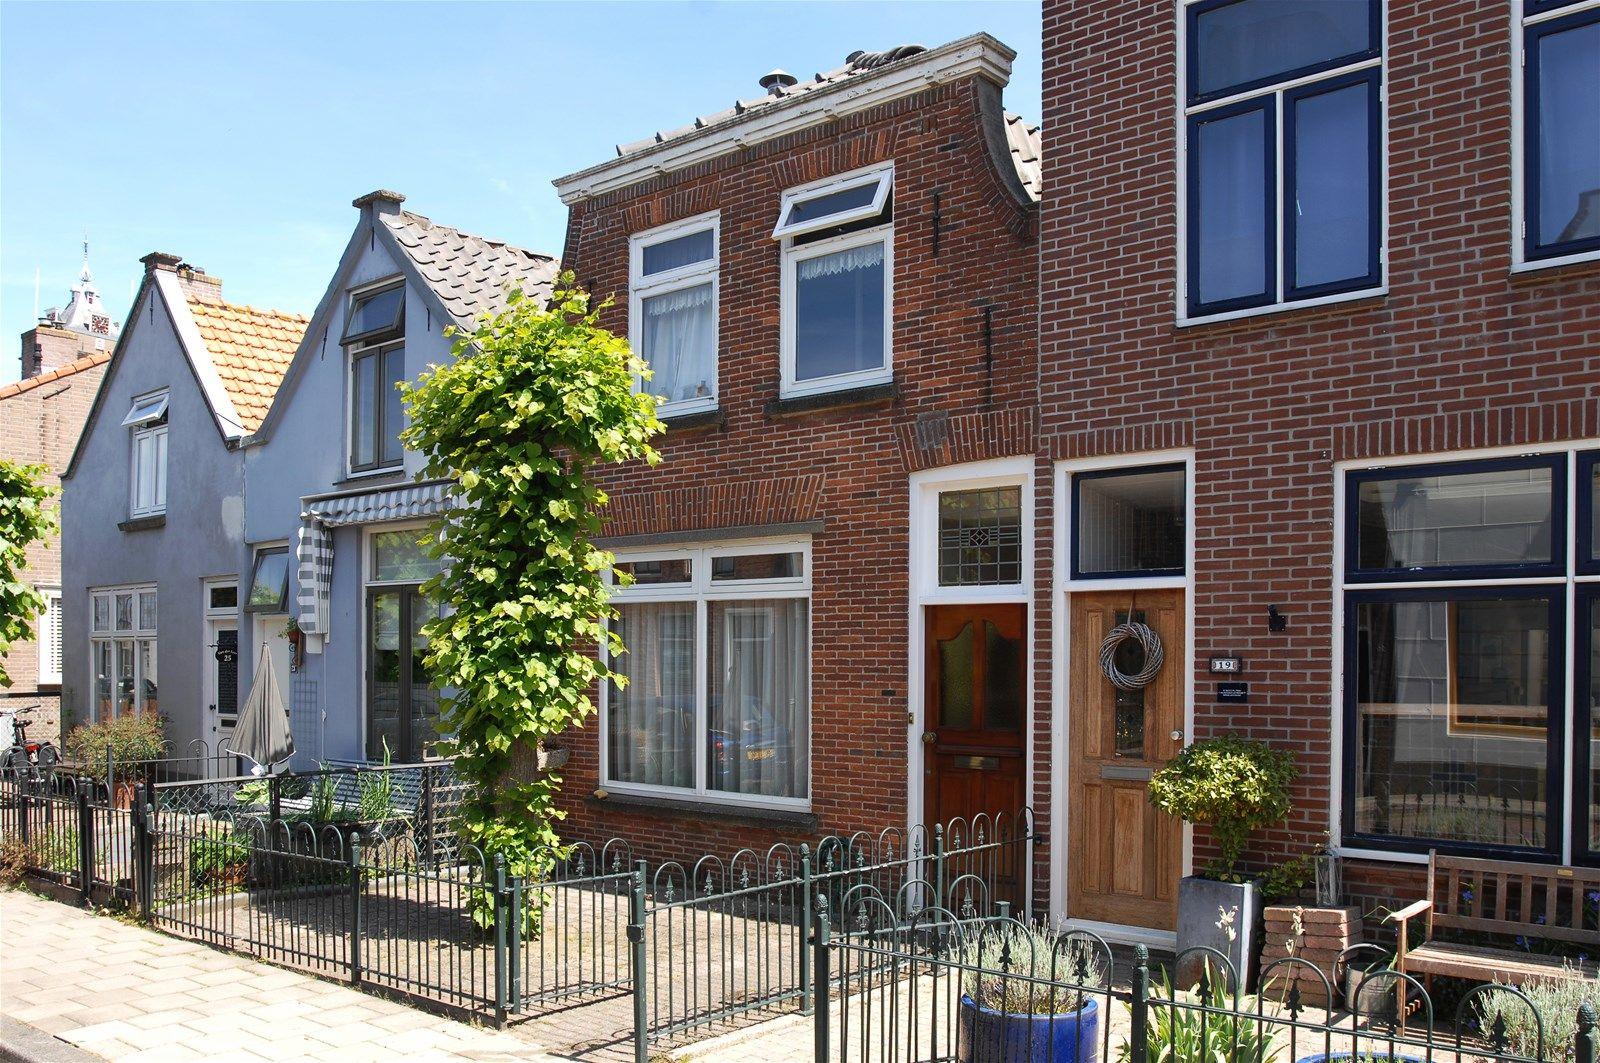 Havenstraat 21, Schoonhoven